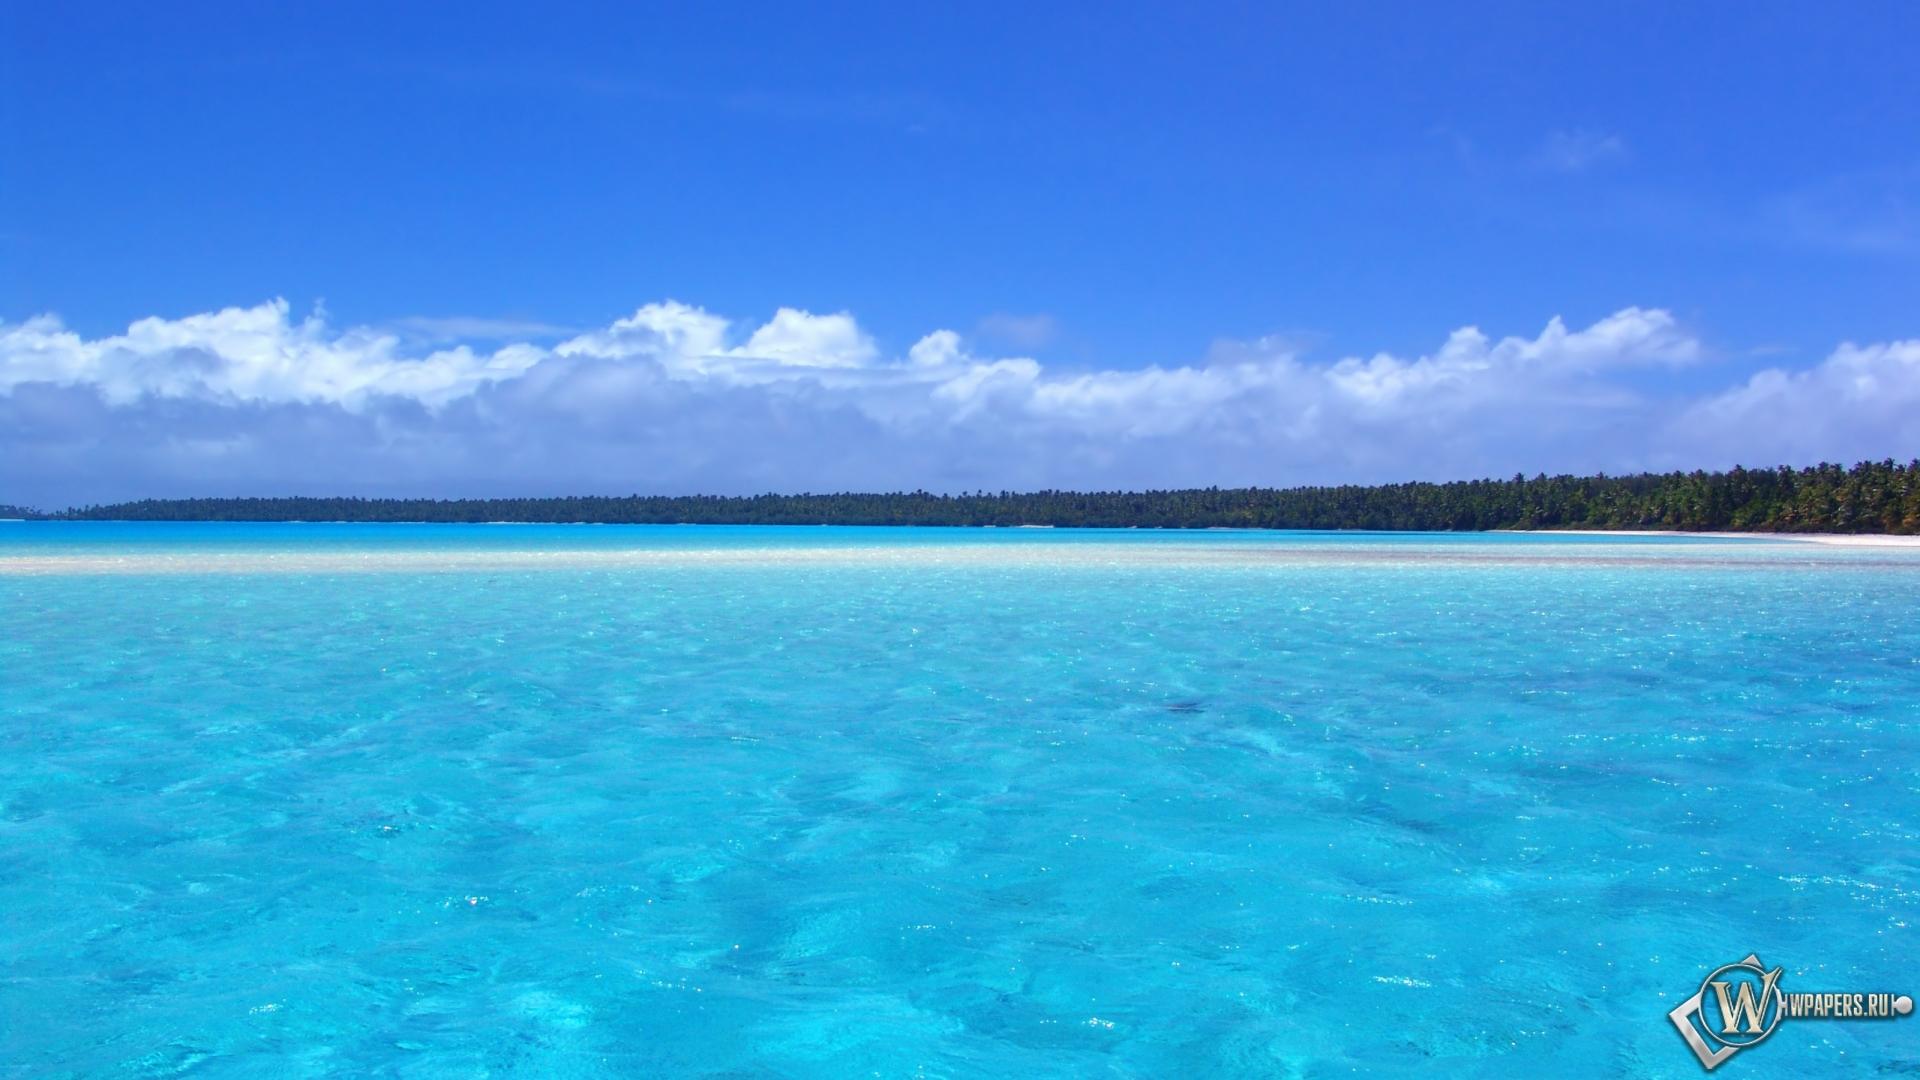 Голубой океан 1920x1080